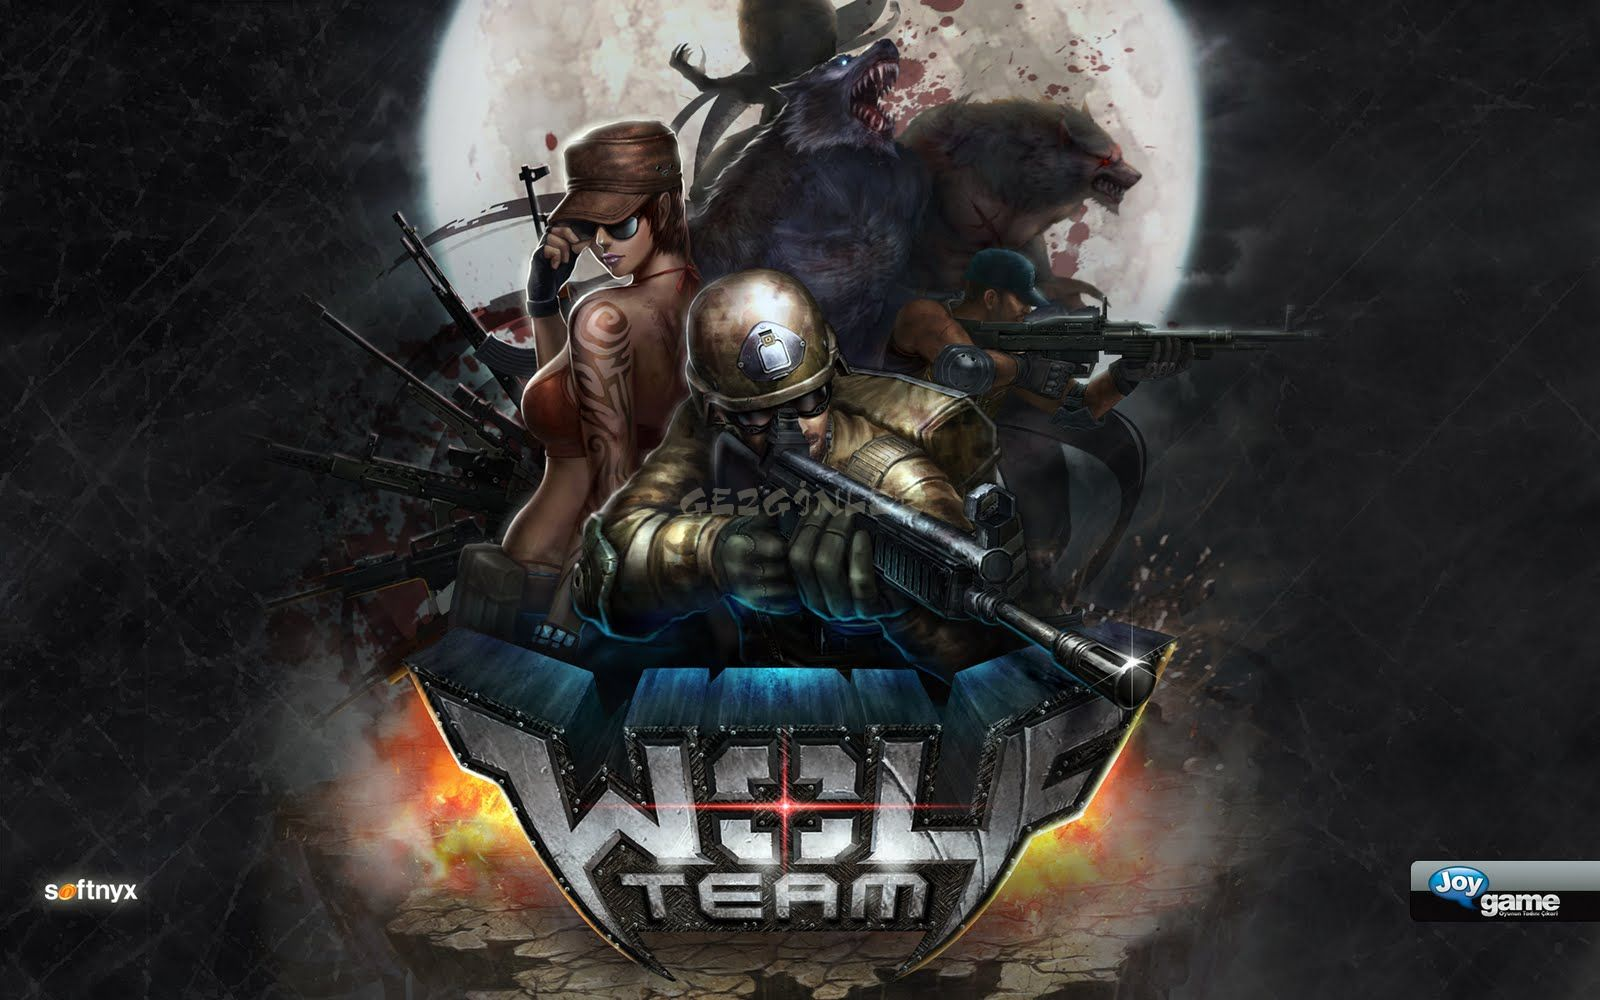 Wolfteam